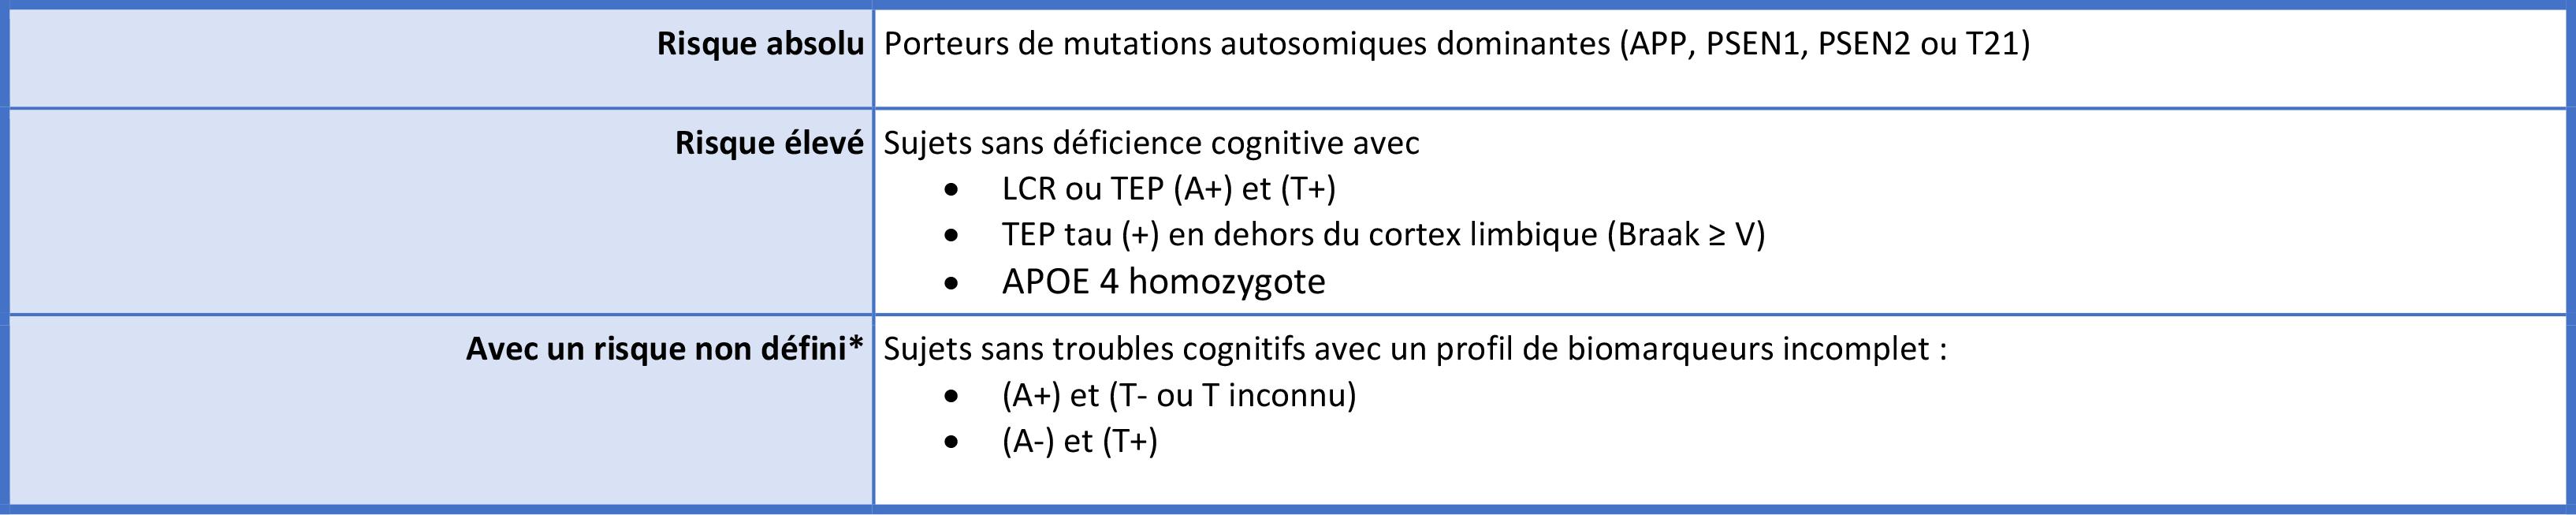 Table 2 – Sujets asymptomatiques à risque de progression (ARP) : proposition de stratification du risque en fonction des résultats des biomarqueurs